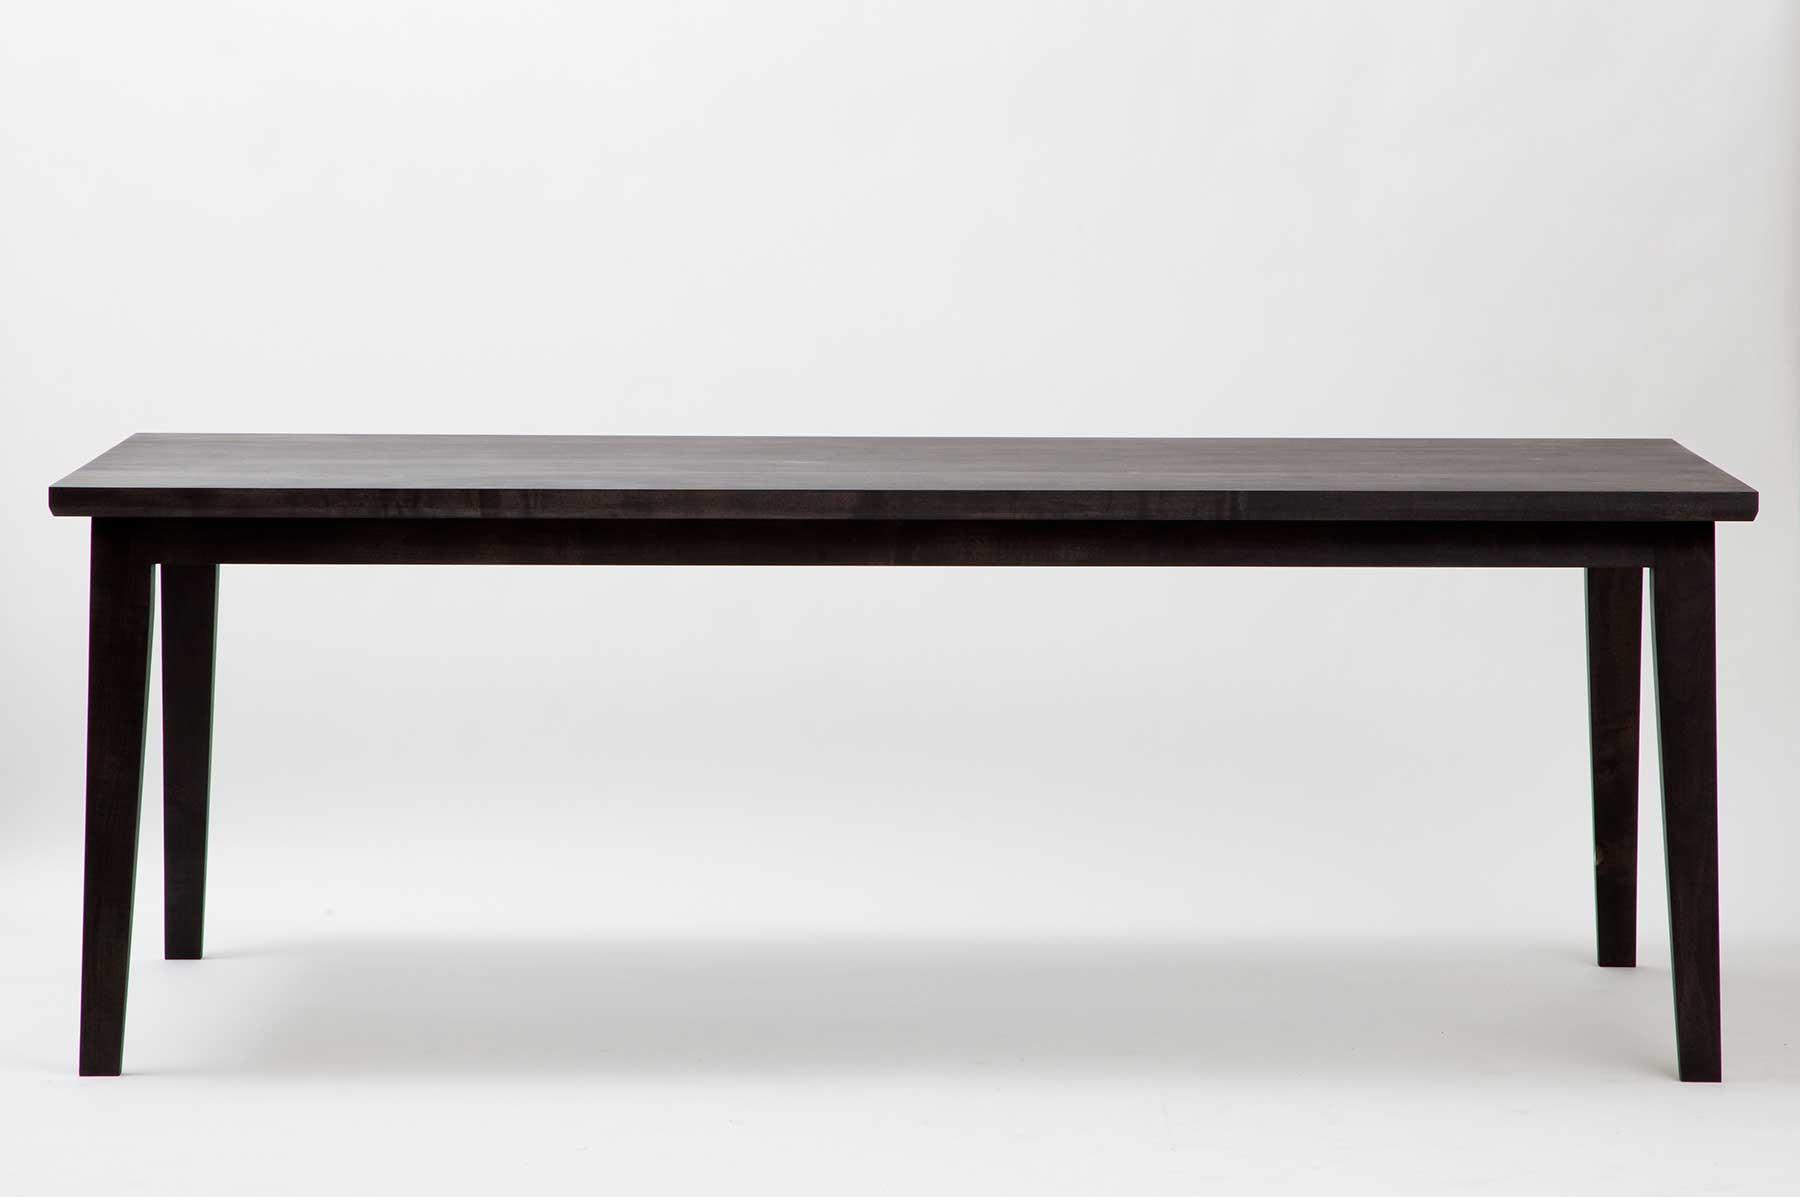 Poppy's Table